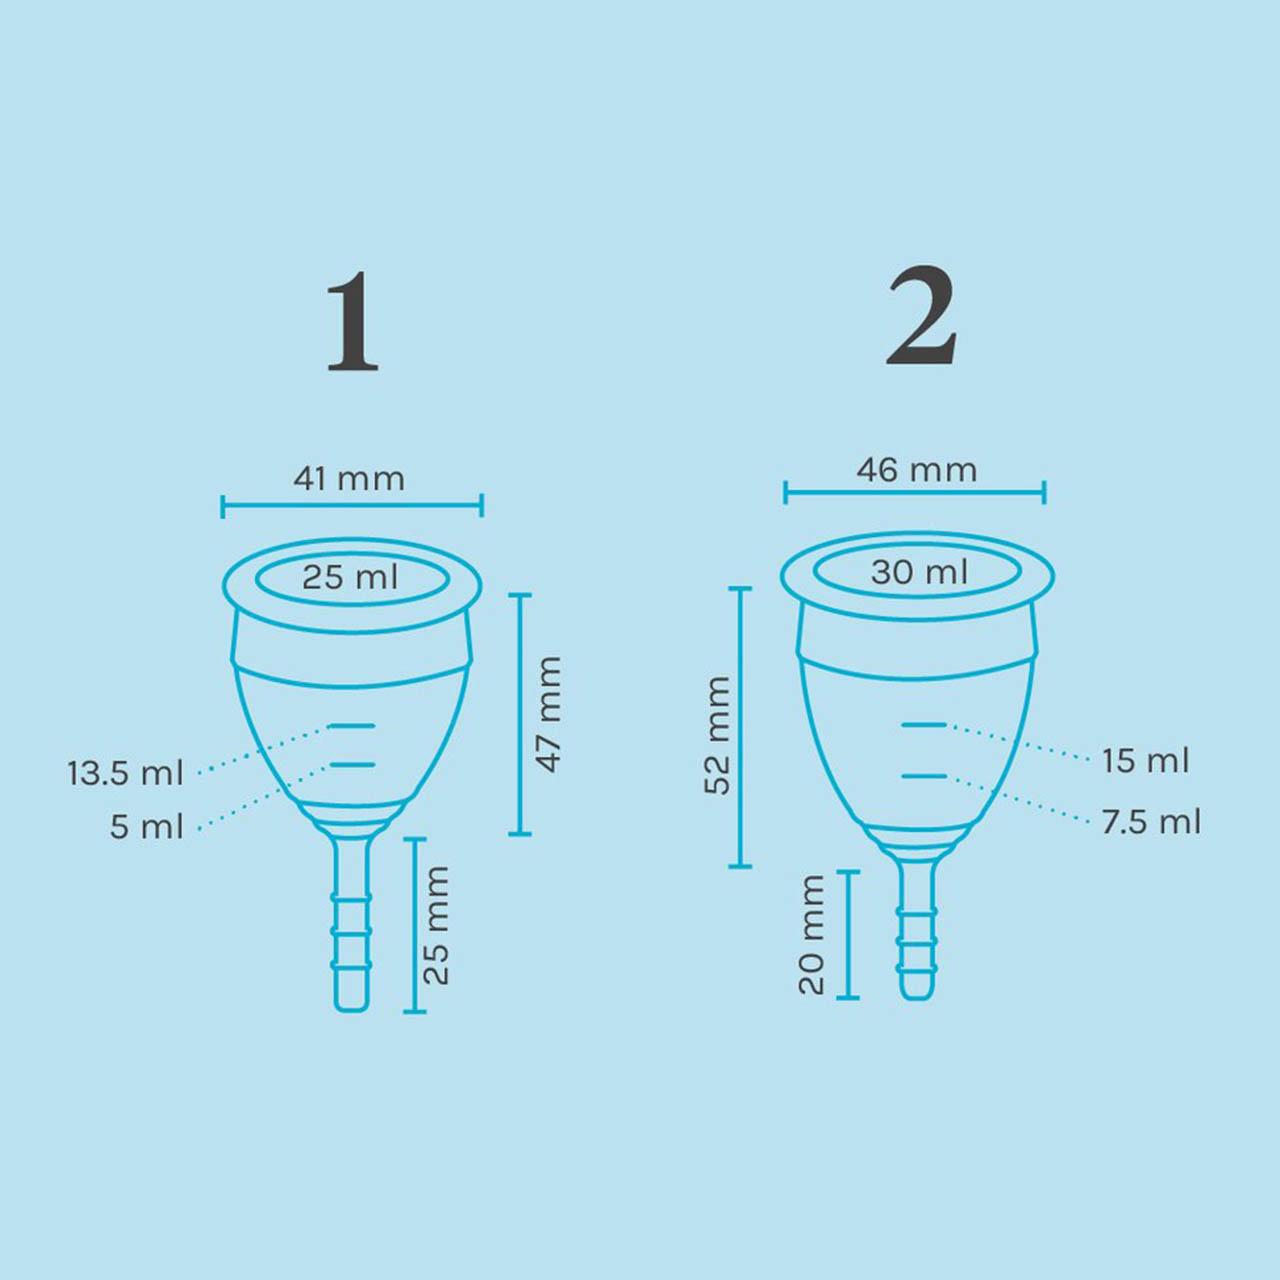 کاپ قاعدگی لونت مدل ساقه ای سایز متوسط